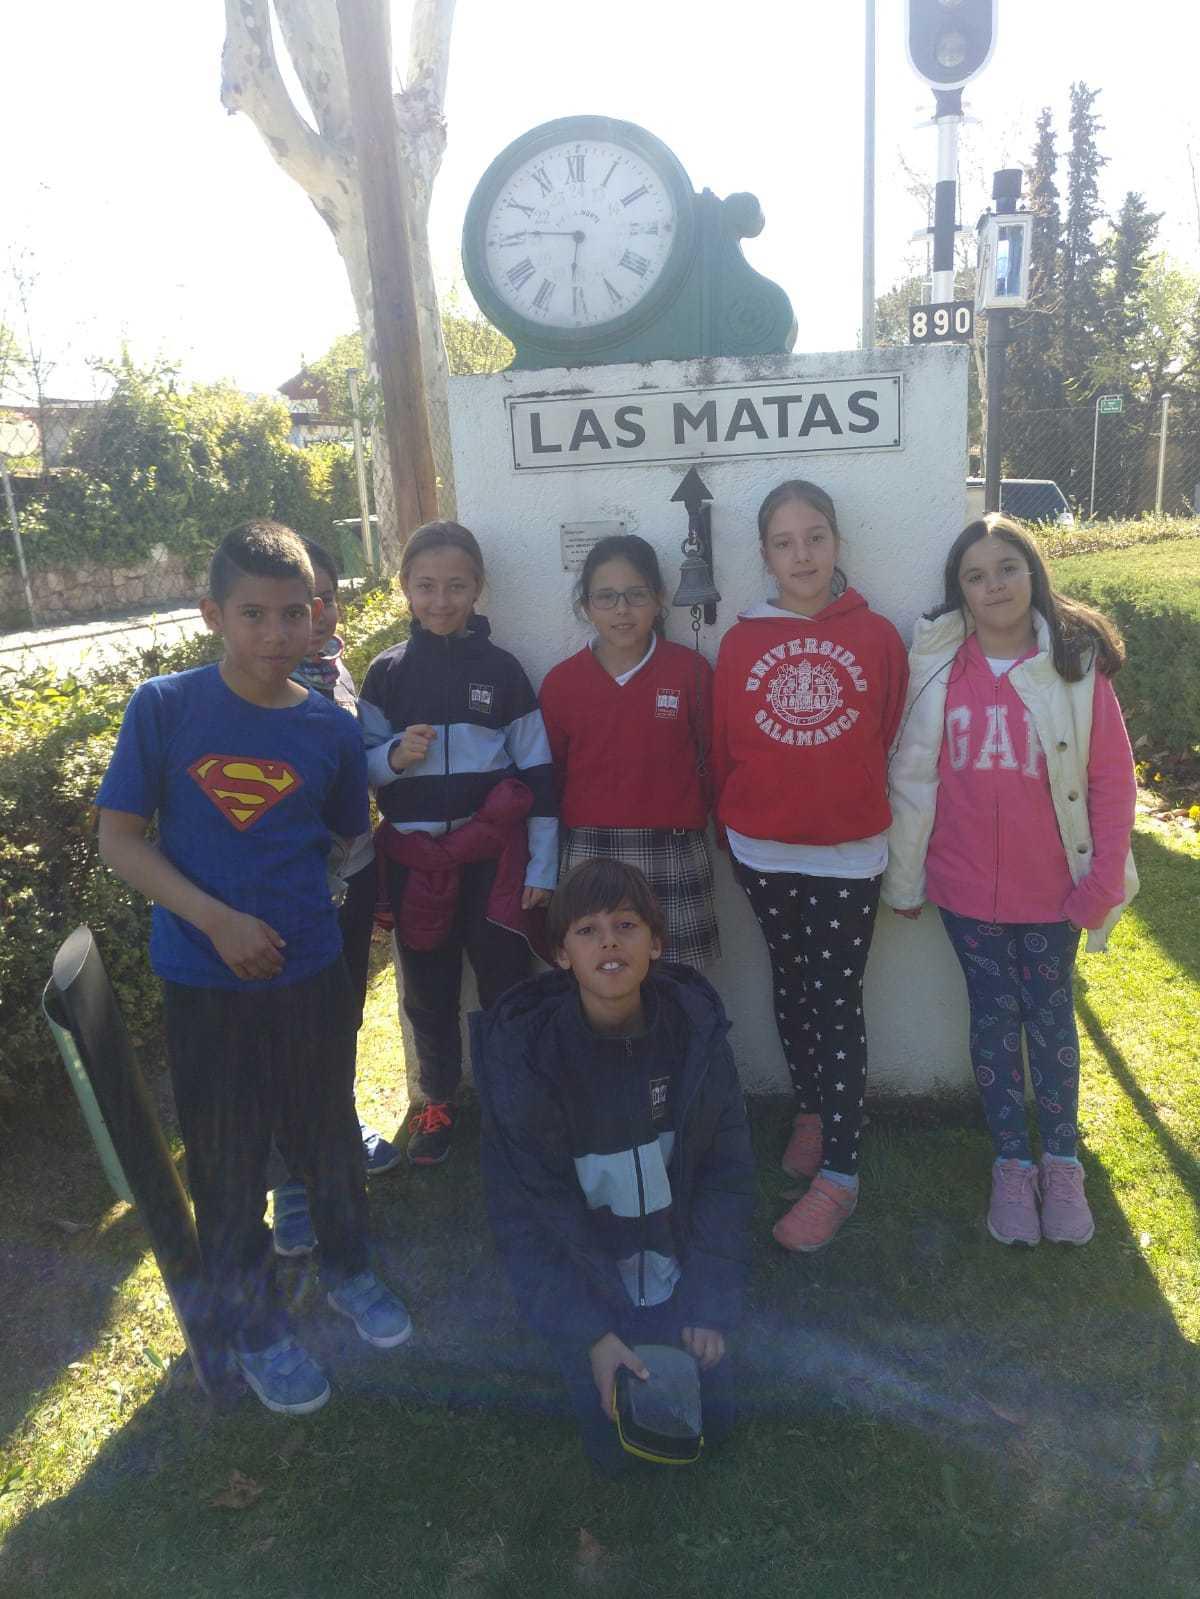 2019_03_15_Cuarto B visita el Museo del Ferrocarril de Las Matas_CEIP FDLR_Las Rozas 1